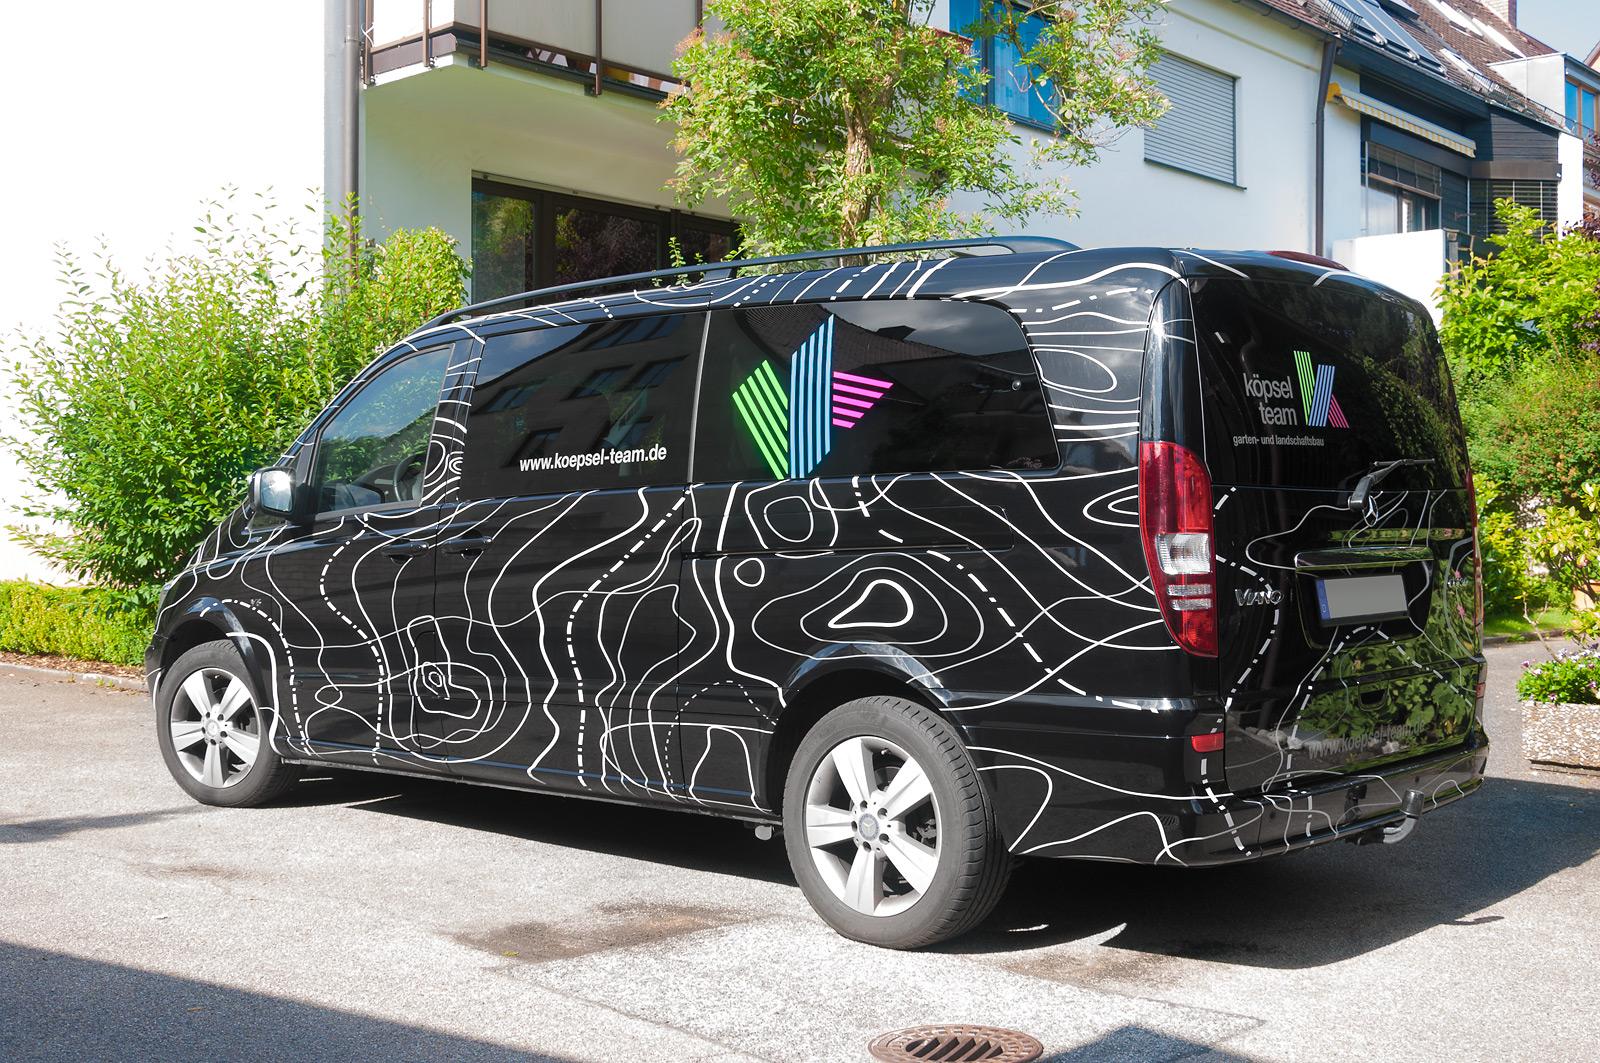 Beklebung eines Fahrzeuges in verschiedenen Grautönen in Optik einer Wetterkarte